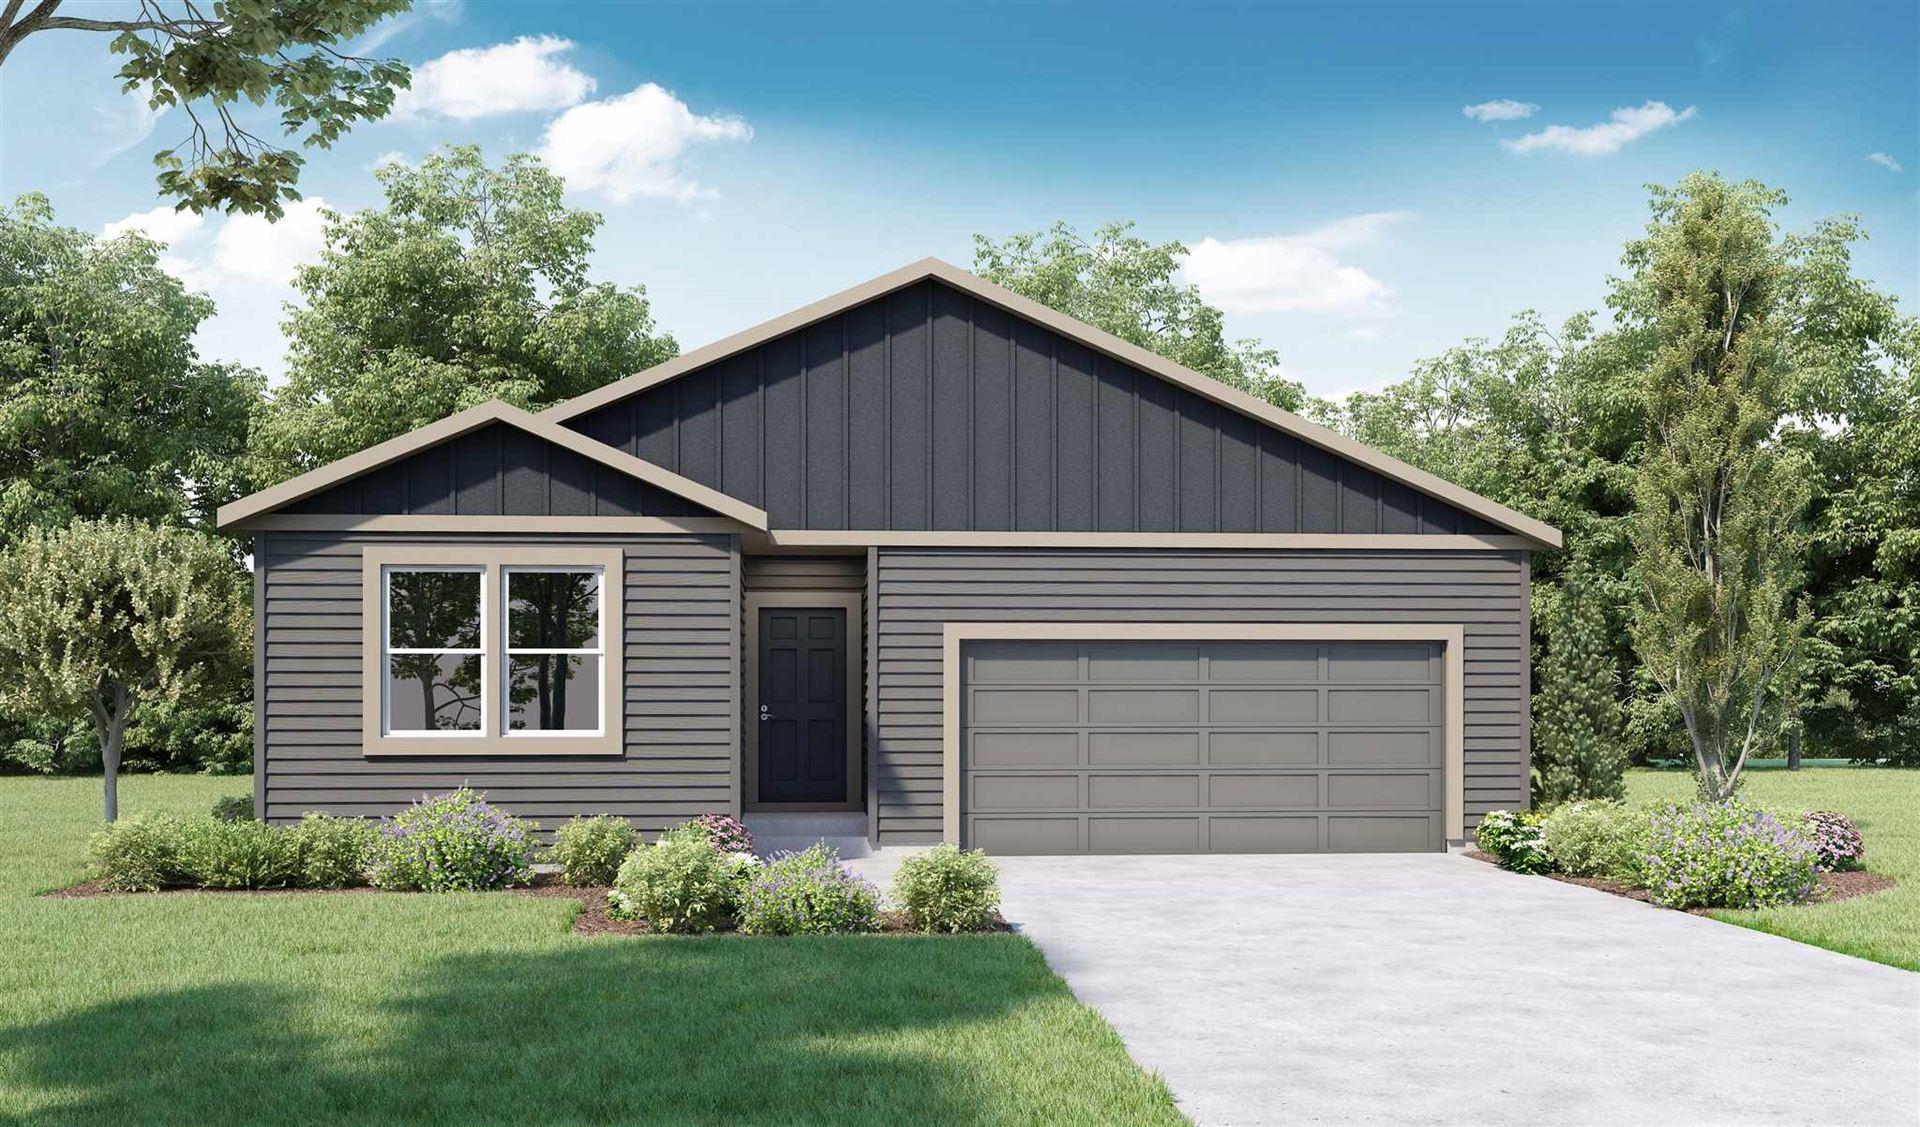 3246 N Stanley Rd, Spokane, WA 99217 - #: 202114632